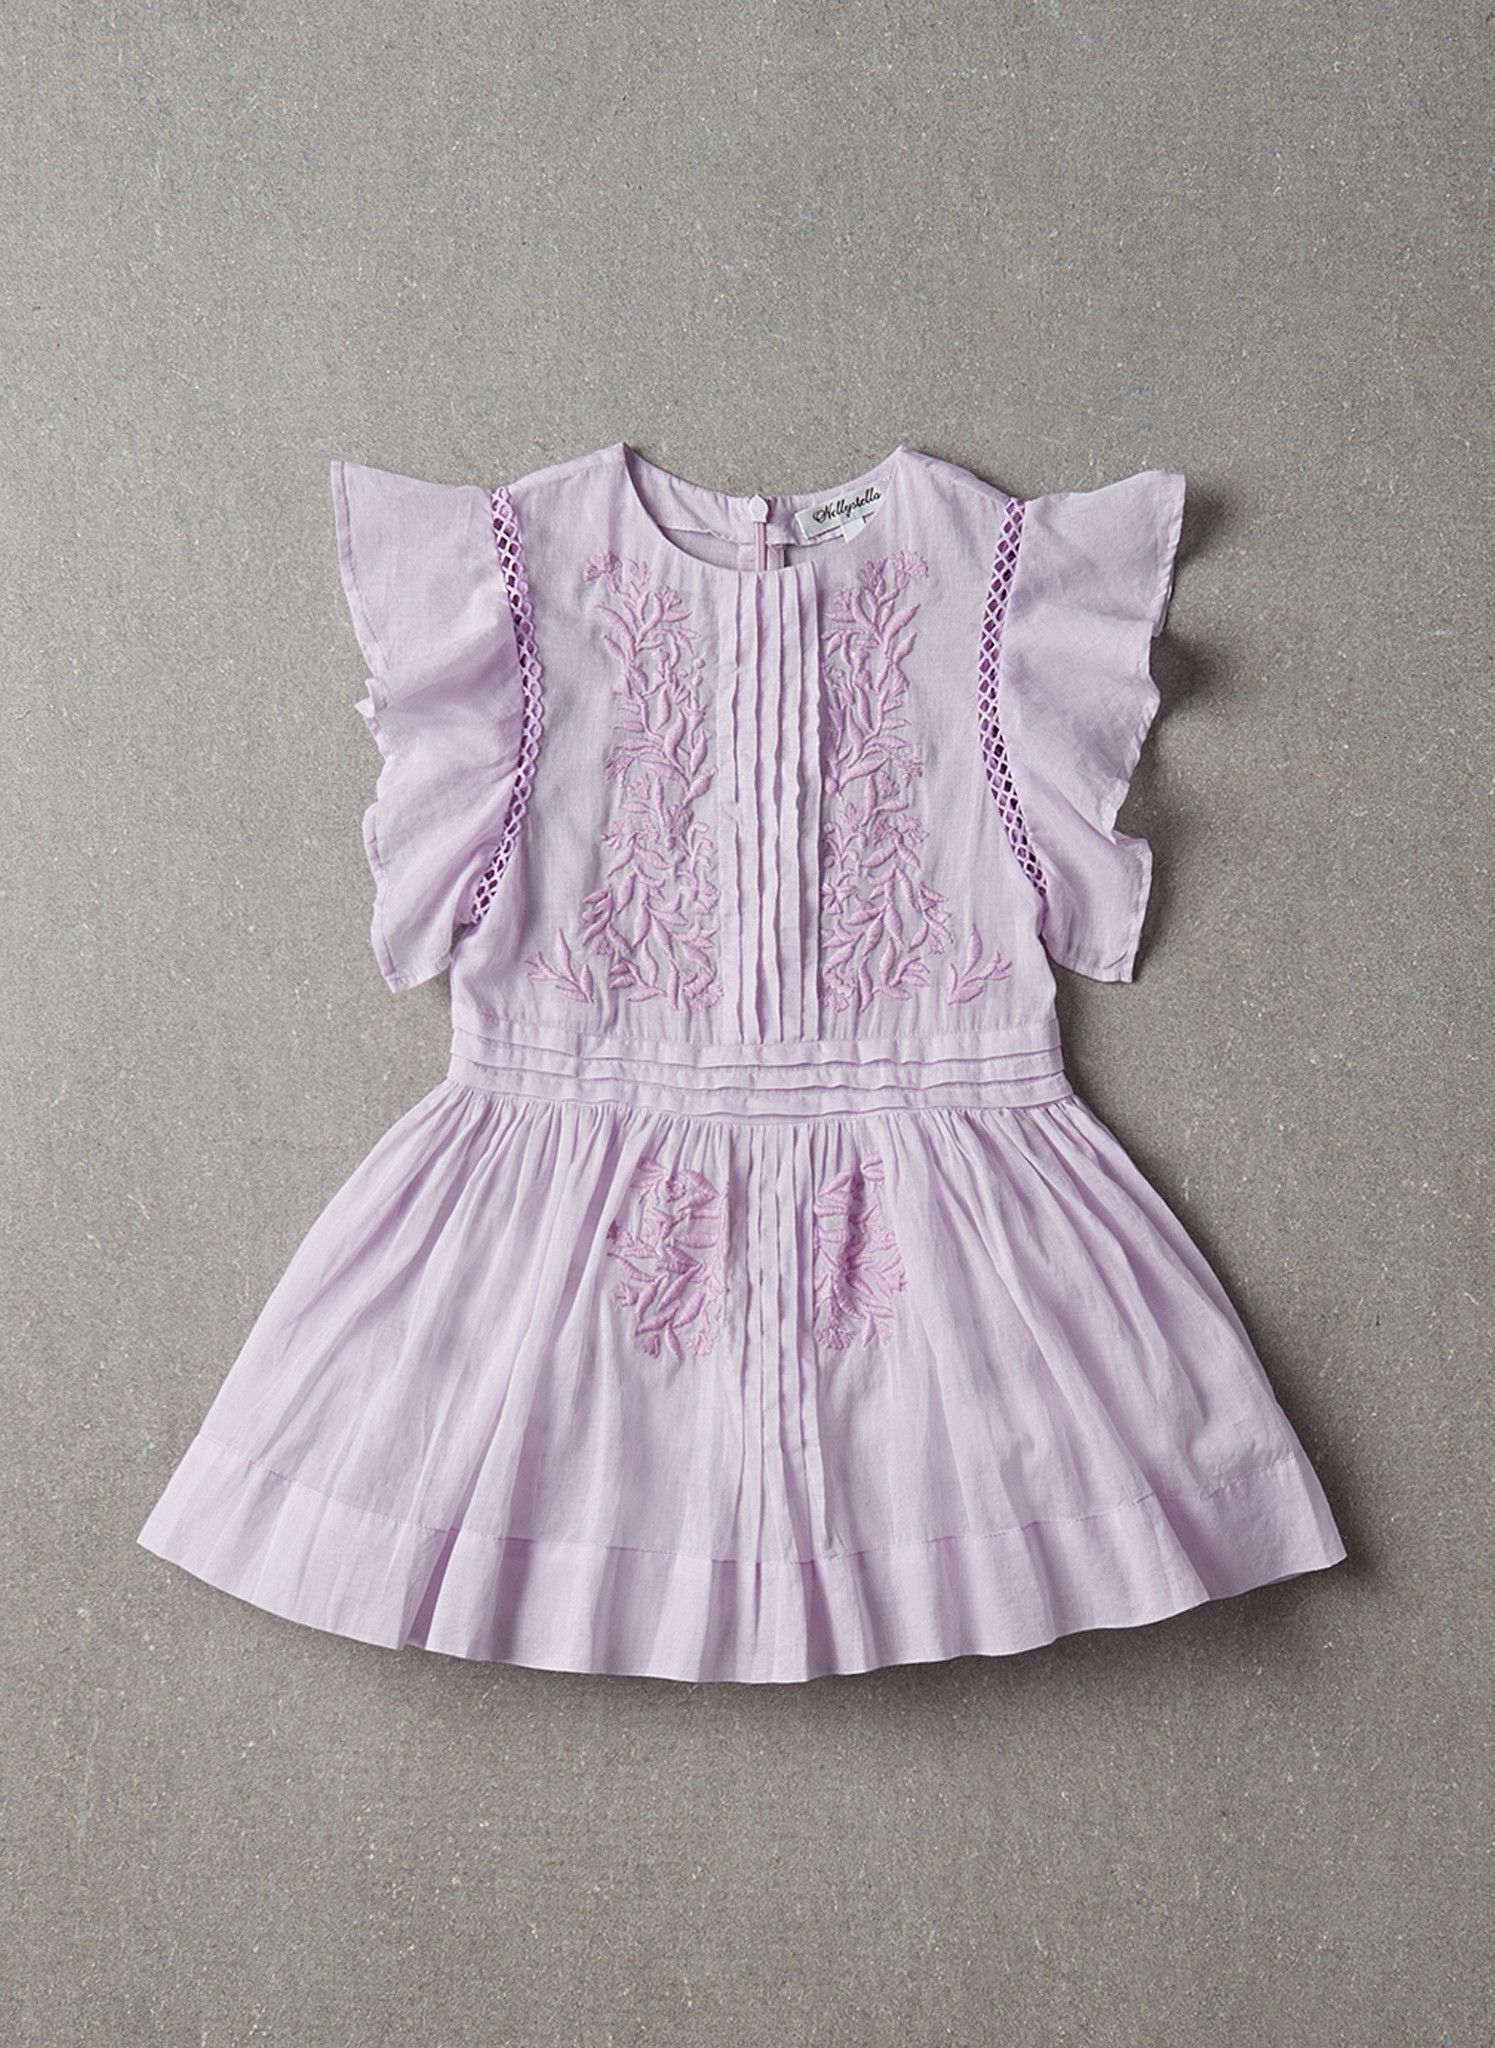 Nellystella Zoe Dress in Vintage Violet